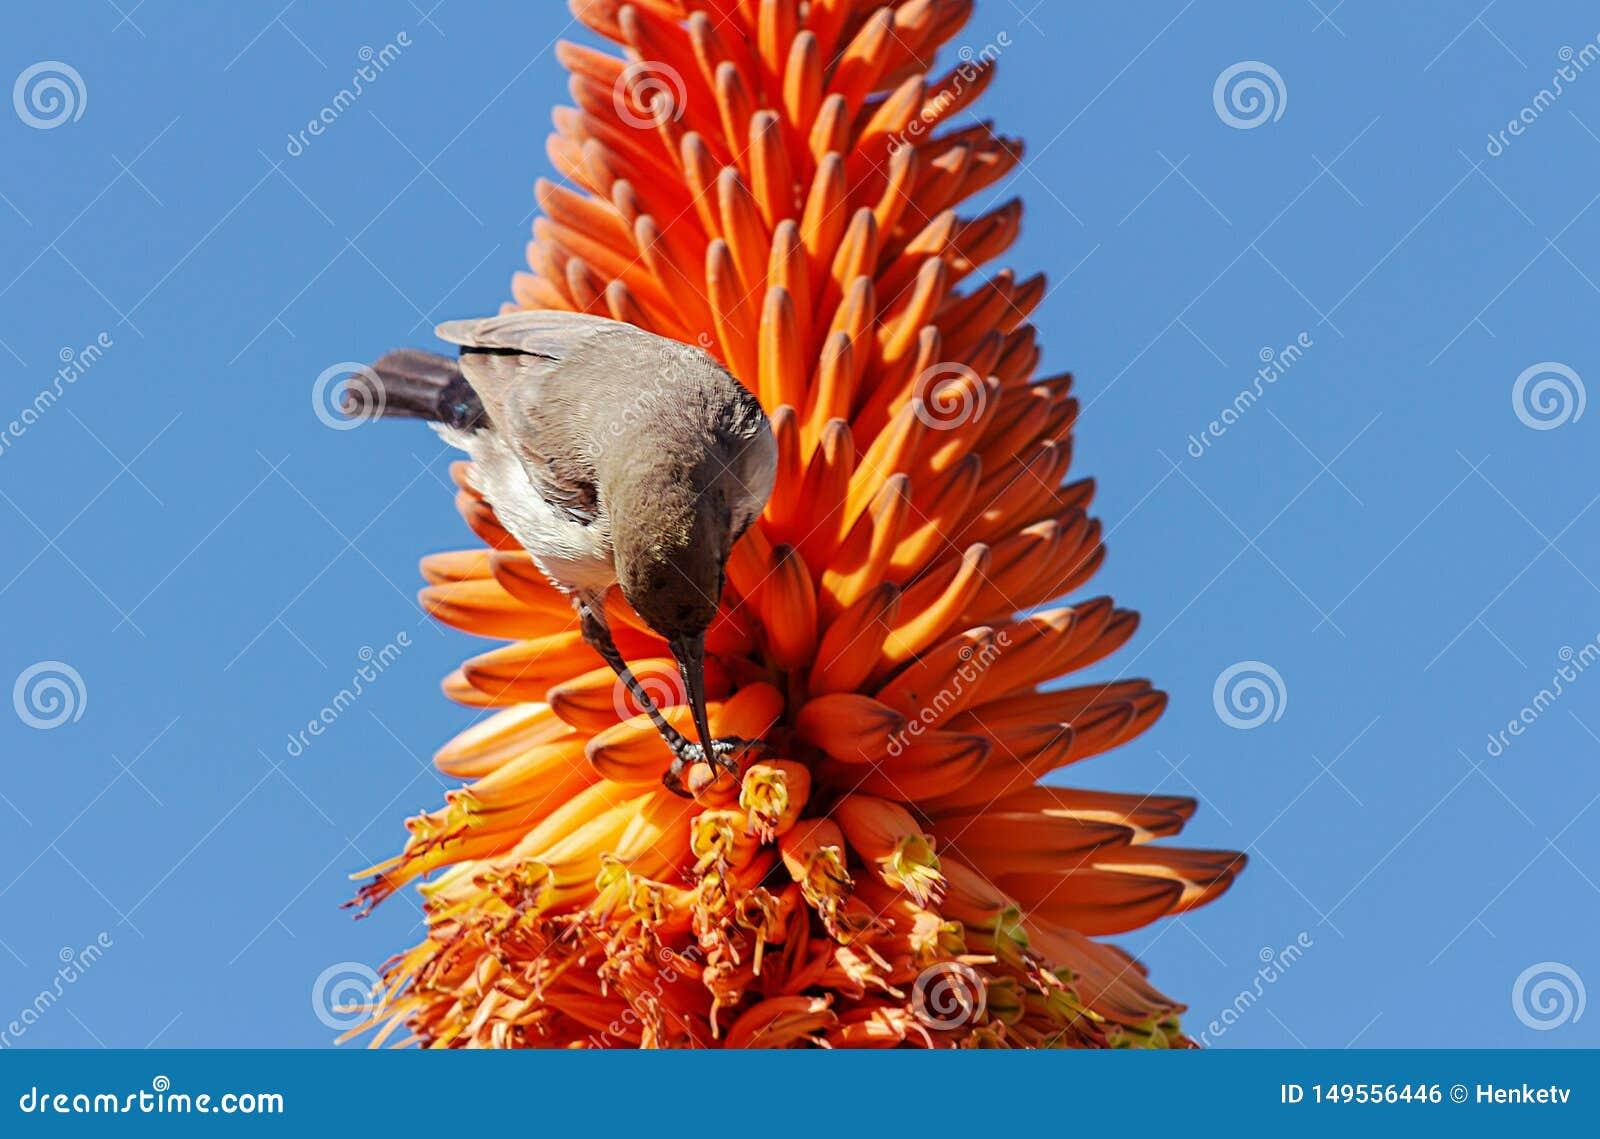 Zakończenie w górę aloesu pomarańczowego kwiatu ptaka na błękitnym tle i